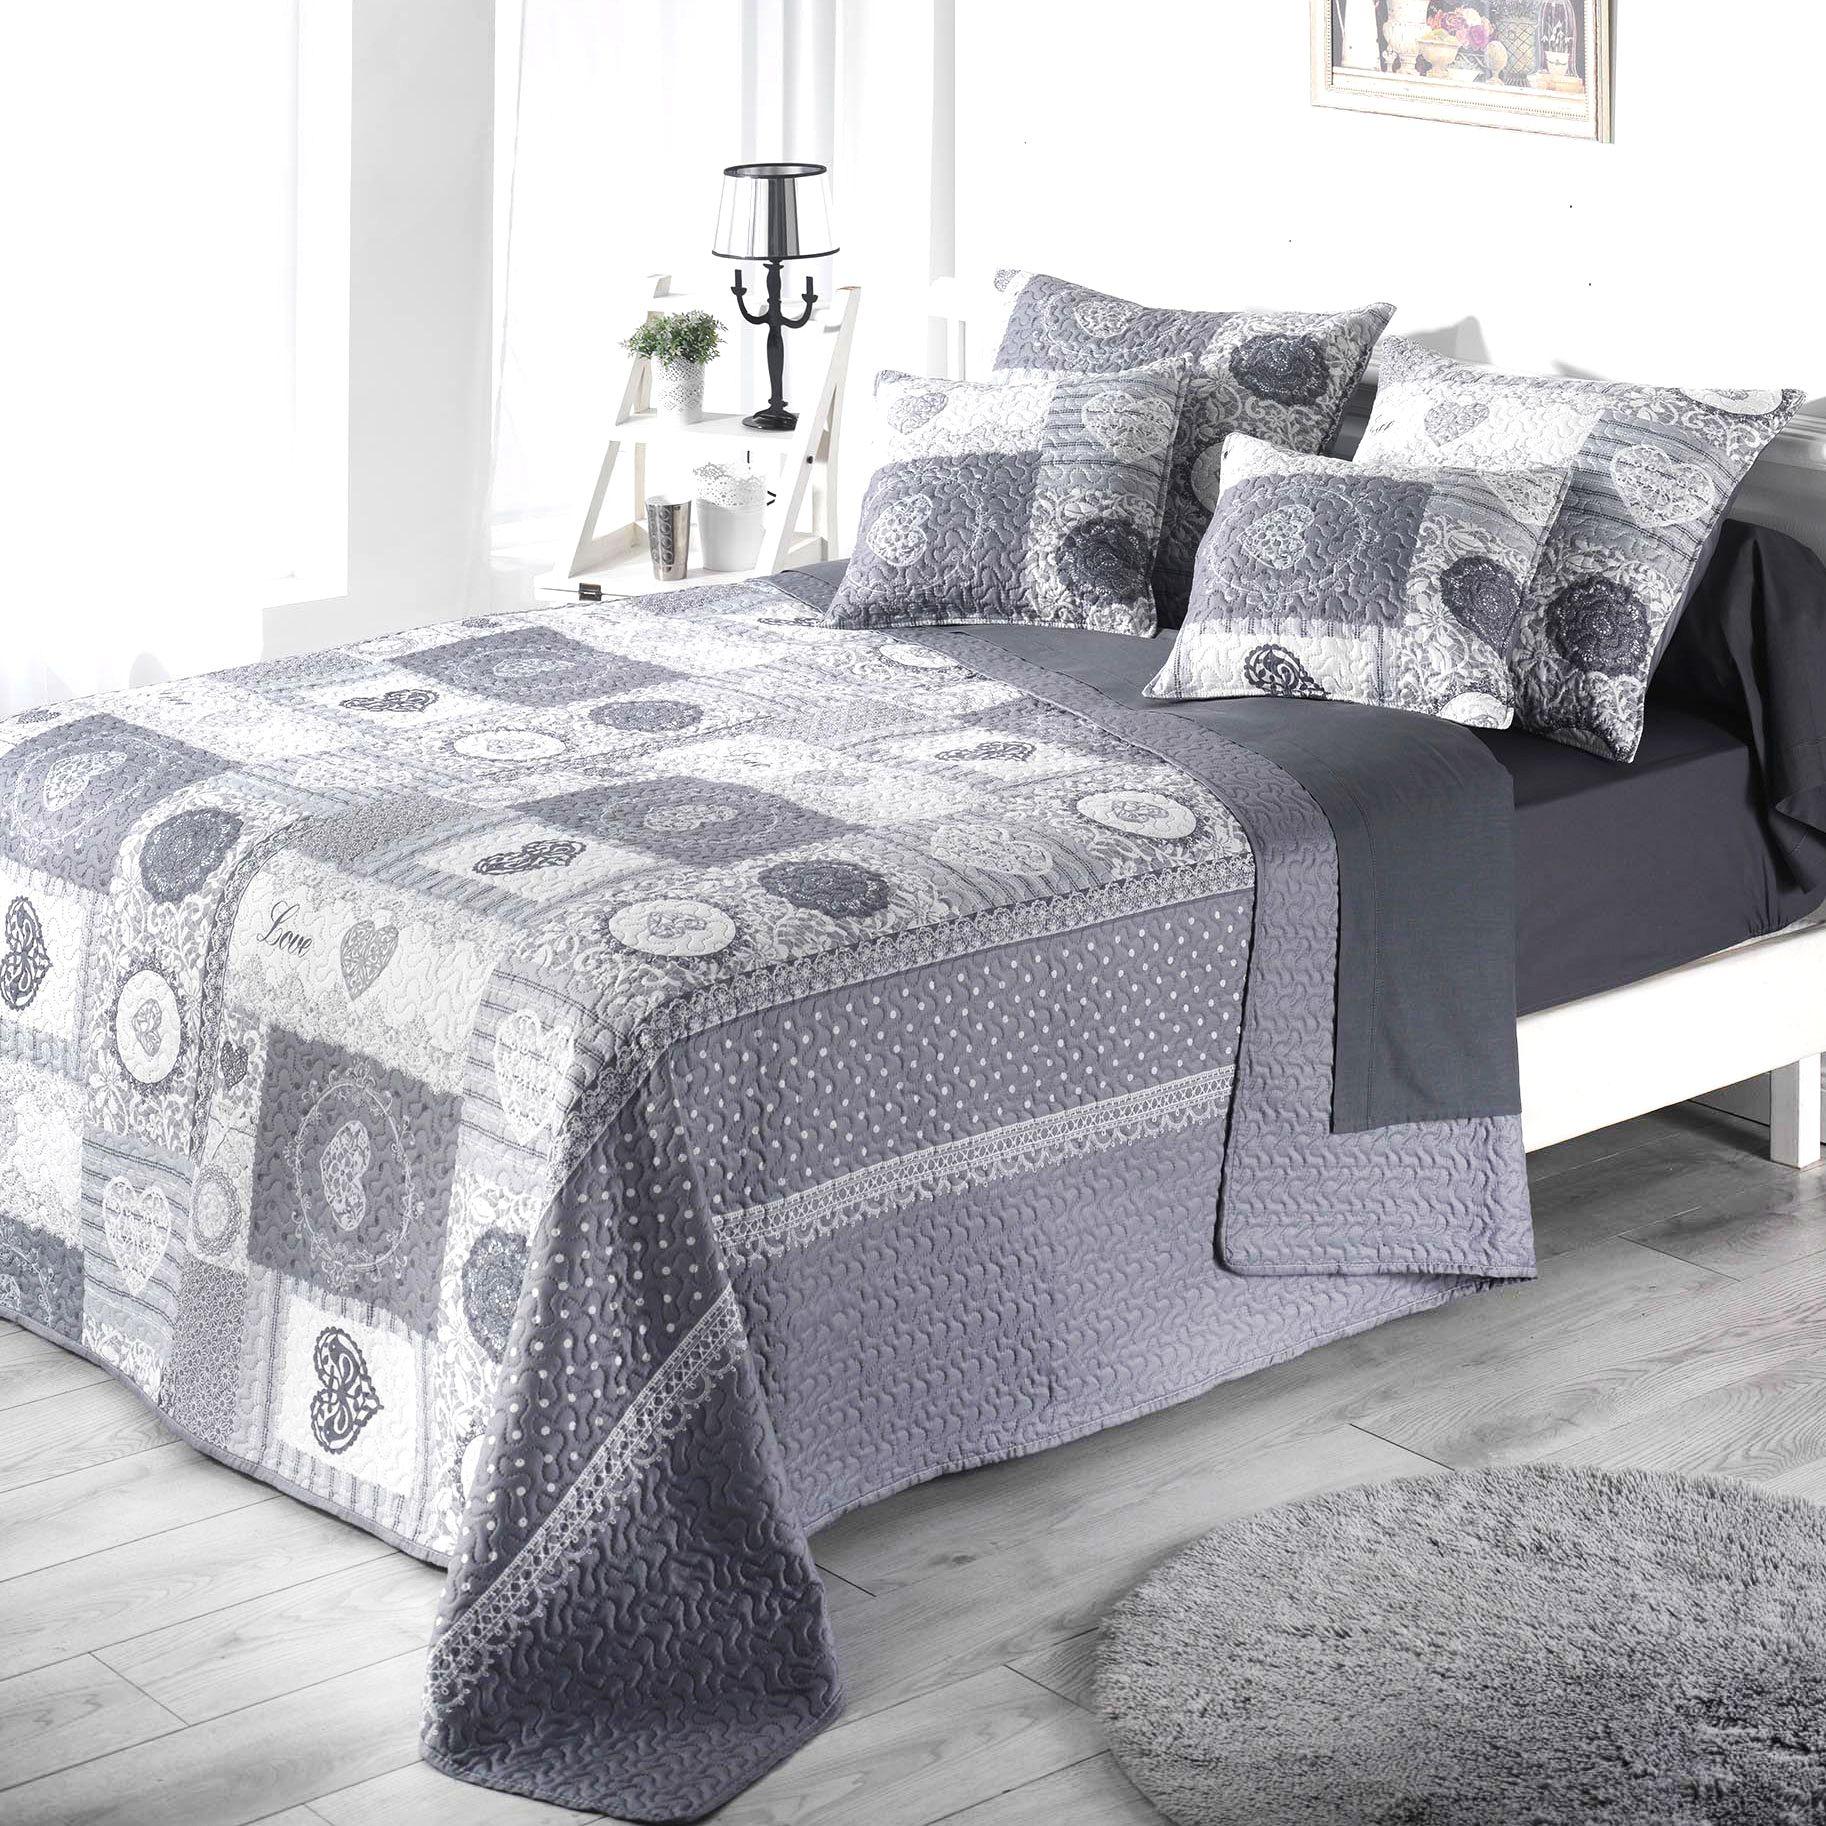 boutis matelass top boutis dessus de lit couvre uni blanc emmanuel dactail du galon a pompons. Black Bedroom Furniture Sets. Home Design Ideas